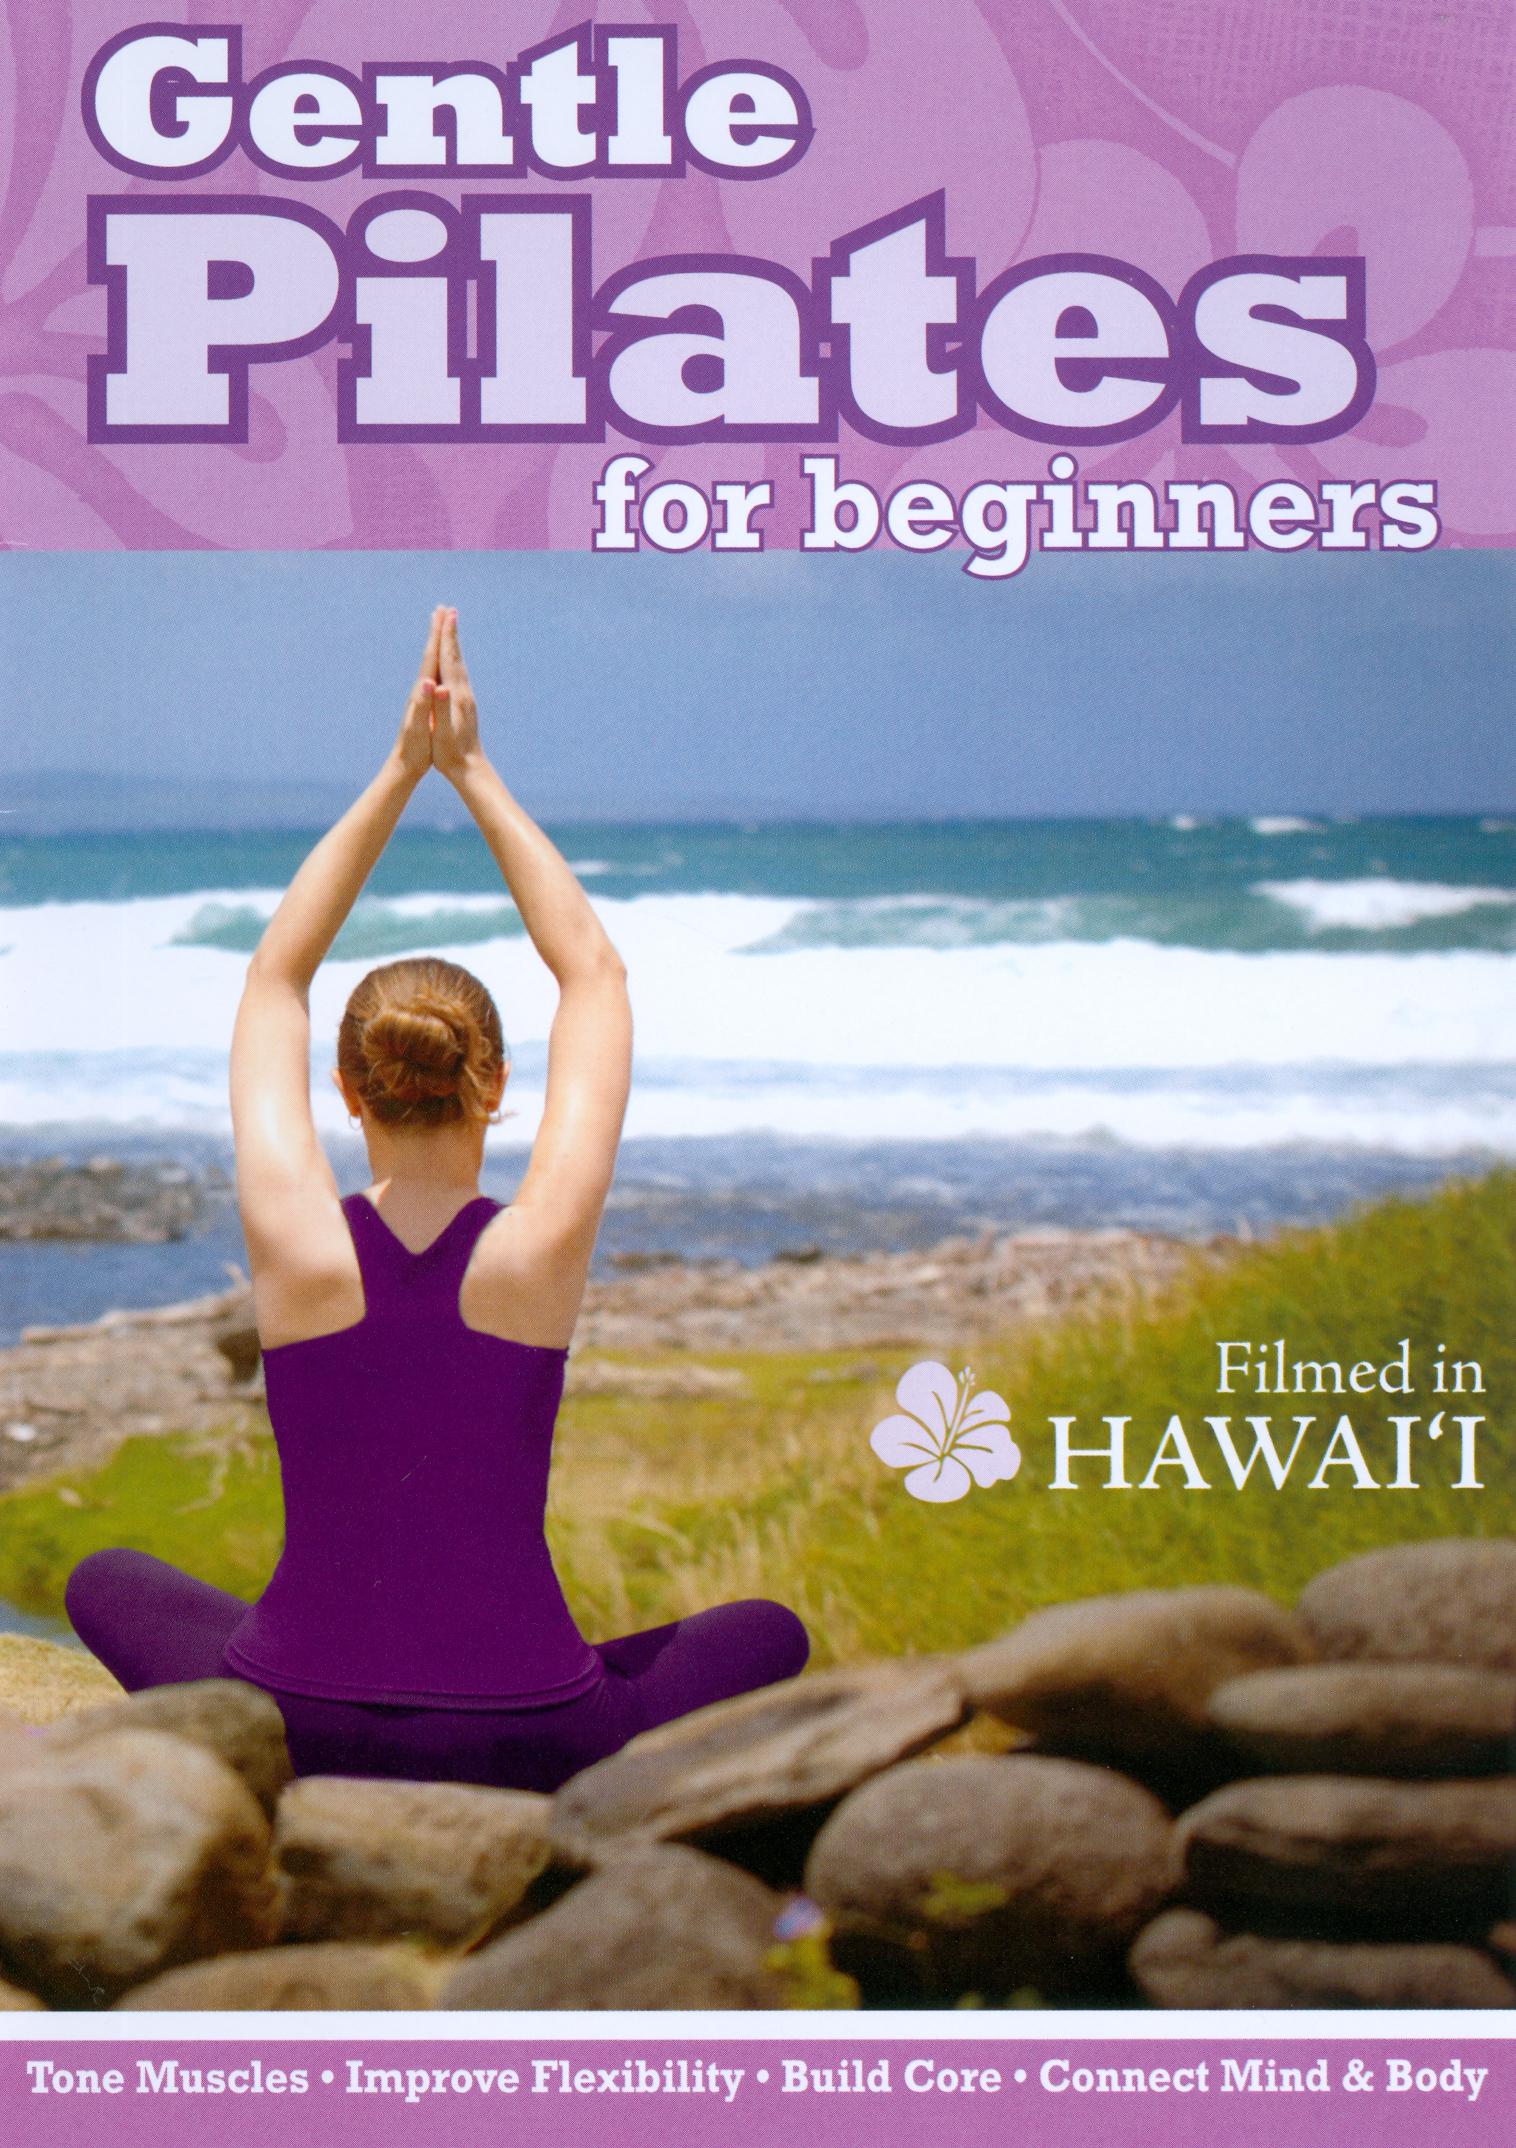 Gentle Pilates for Beginners